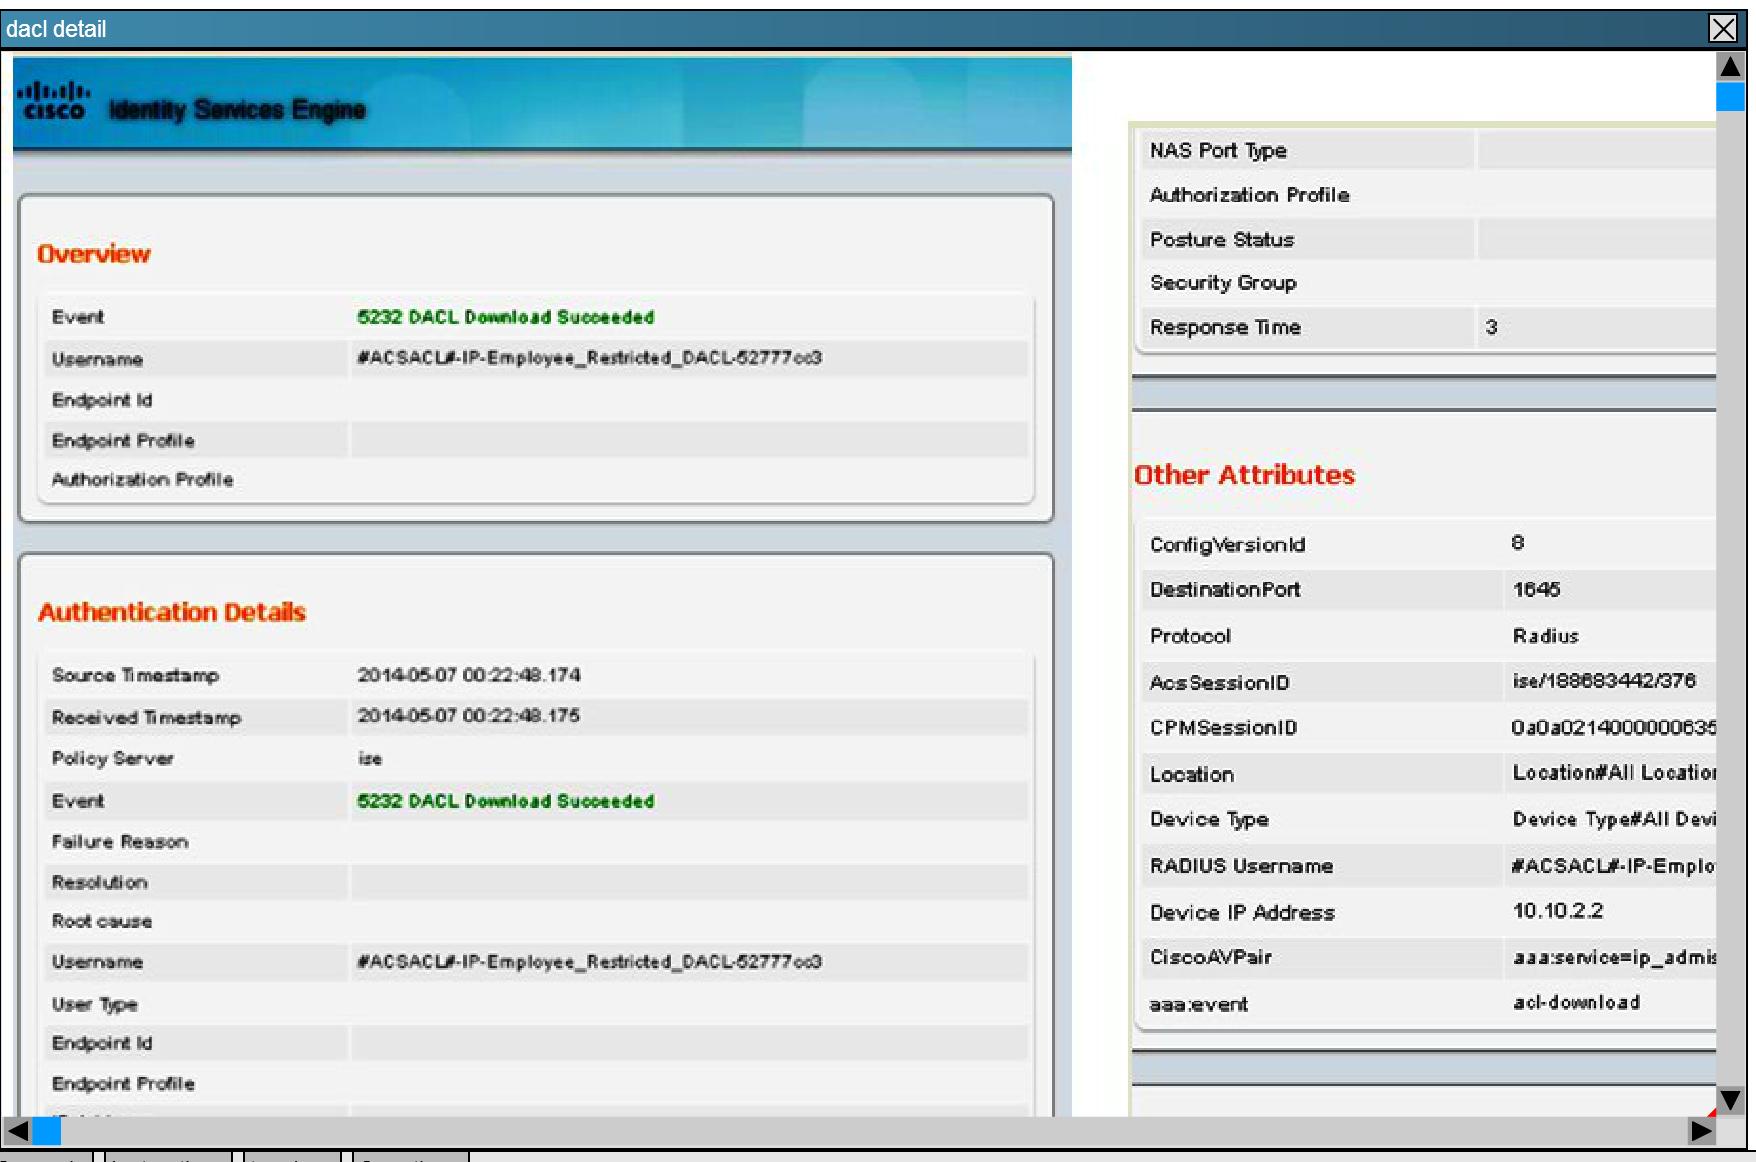 300-208 - Cisco Practice Exam Questions - 100% Free   Exam ...